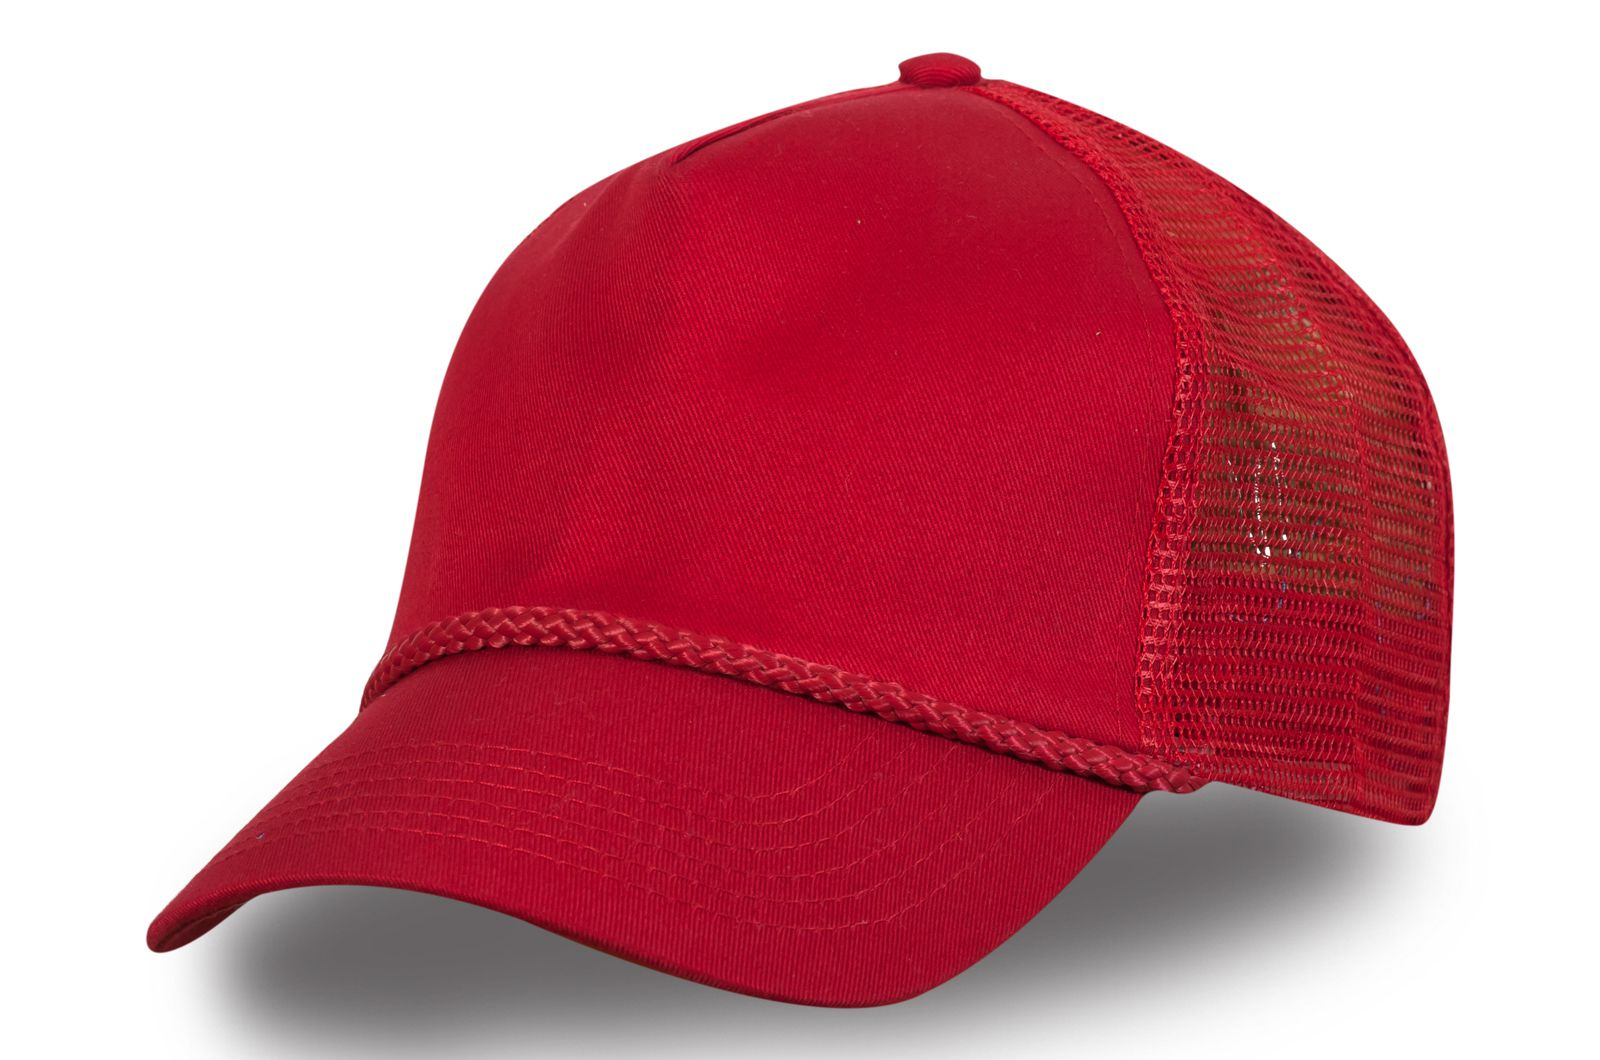 Красная бейсболка с сеткой - купить недорого в интернет-магазине